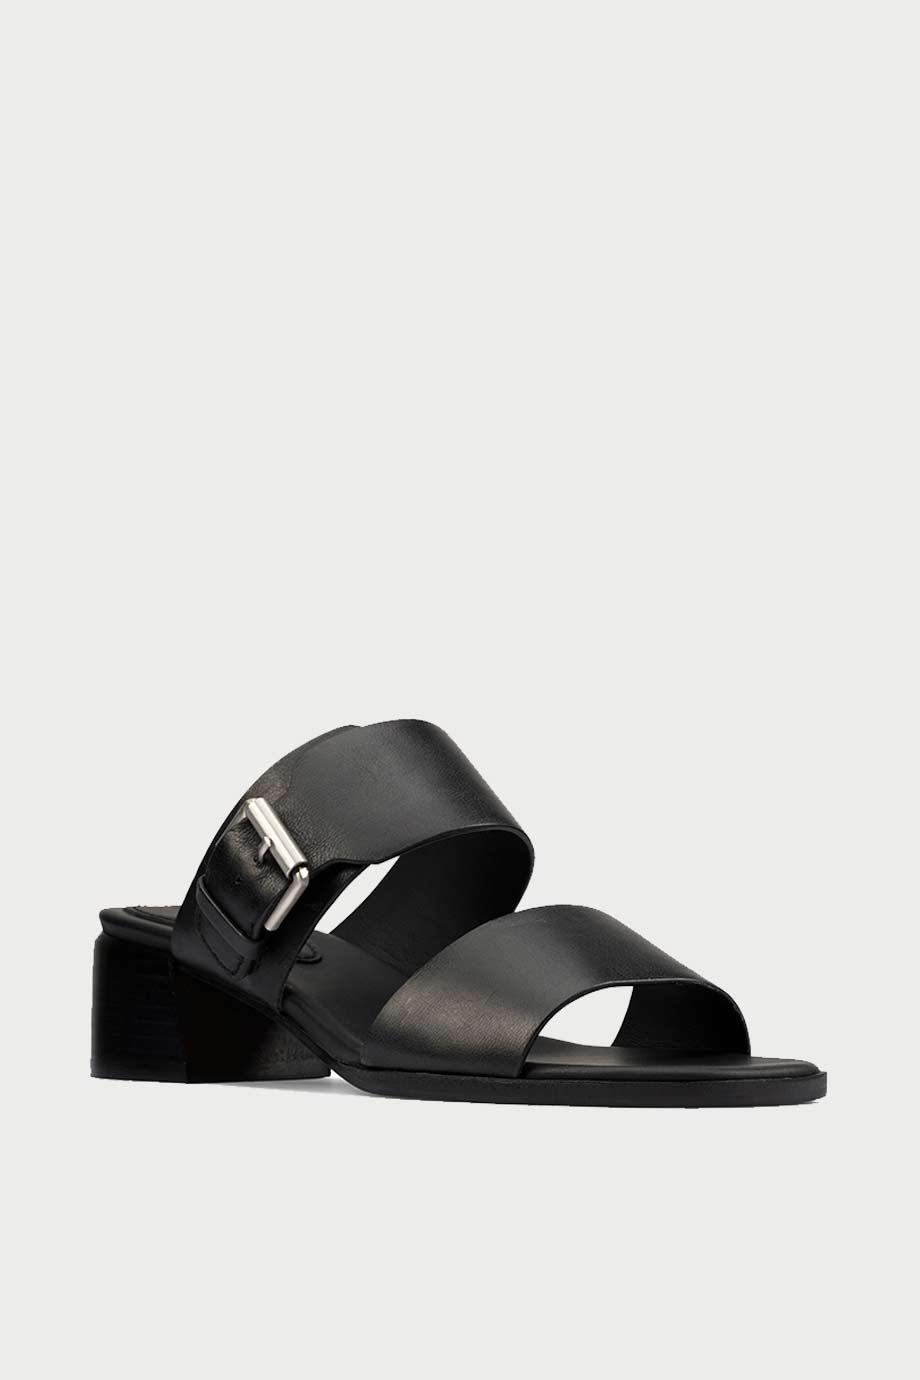 spiridoula metheniti shoes xalkida p landra 35 mule black leather clarks 2